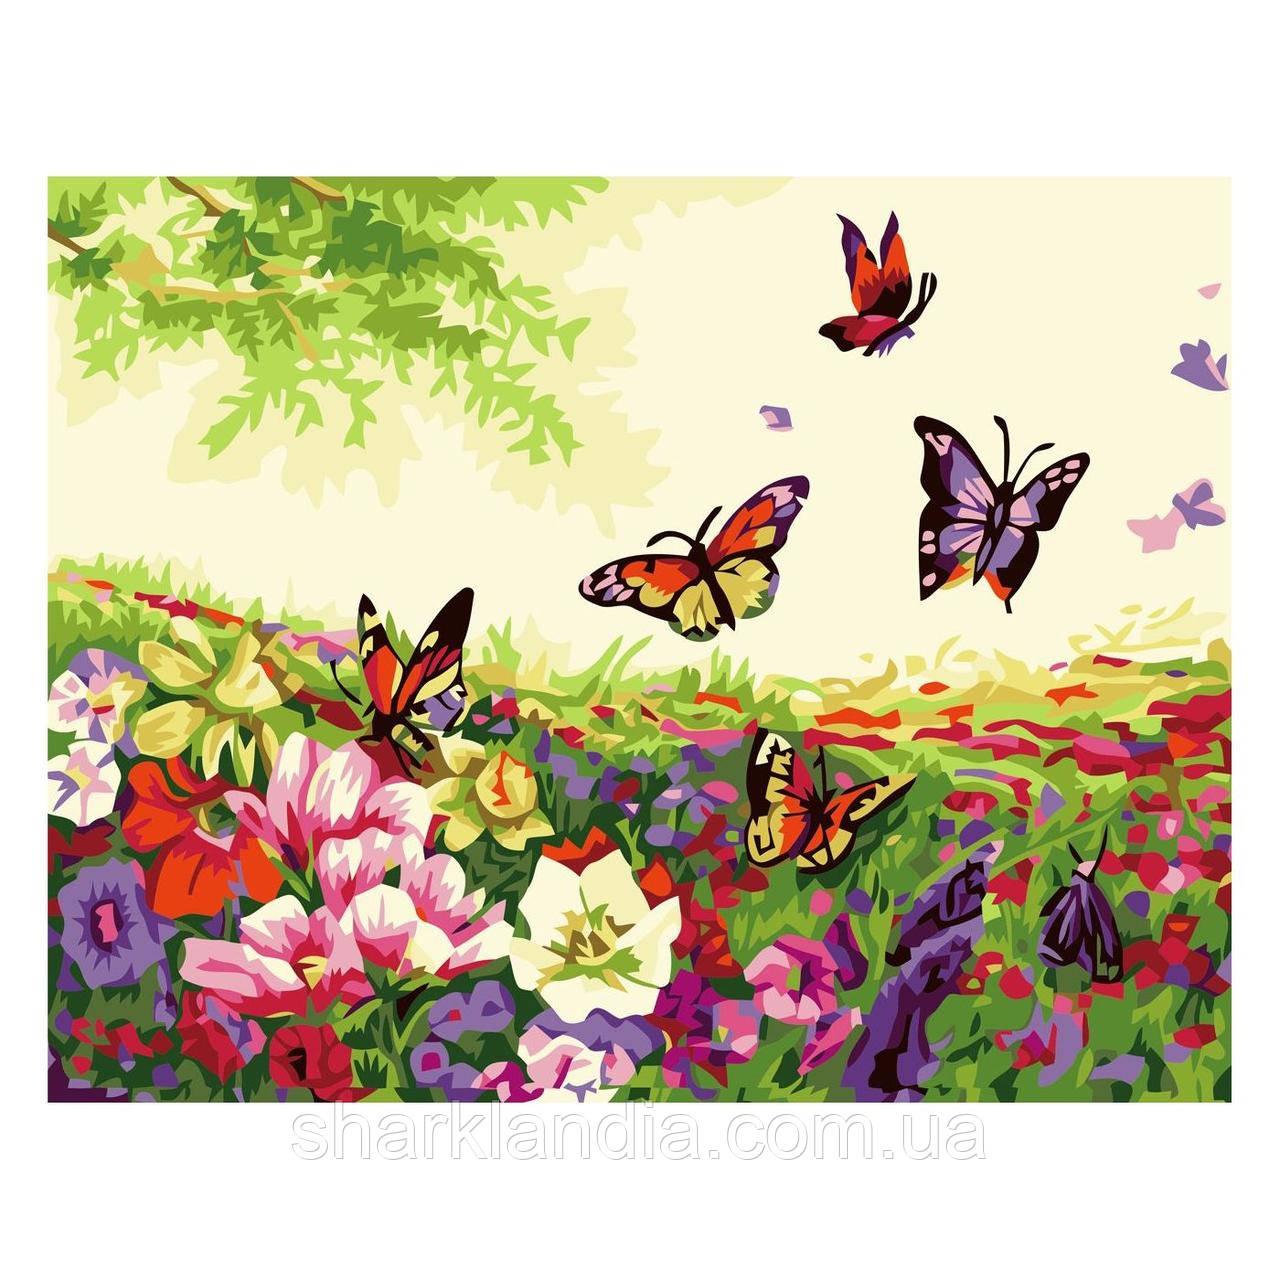 Картина за номерами Метелики в поле квітів 30х40 см Strateg Розмальовки